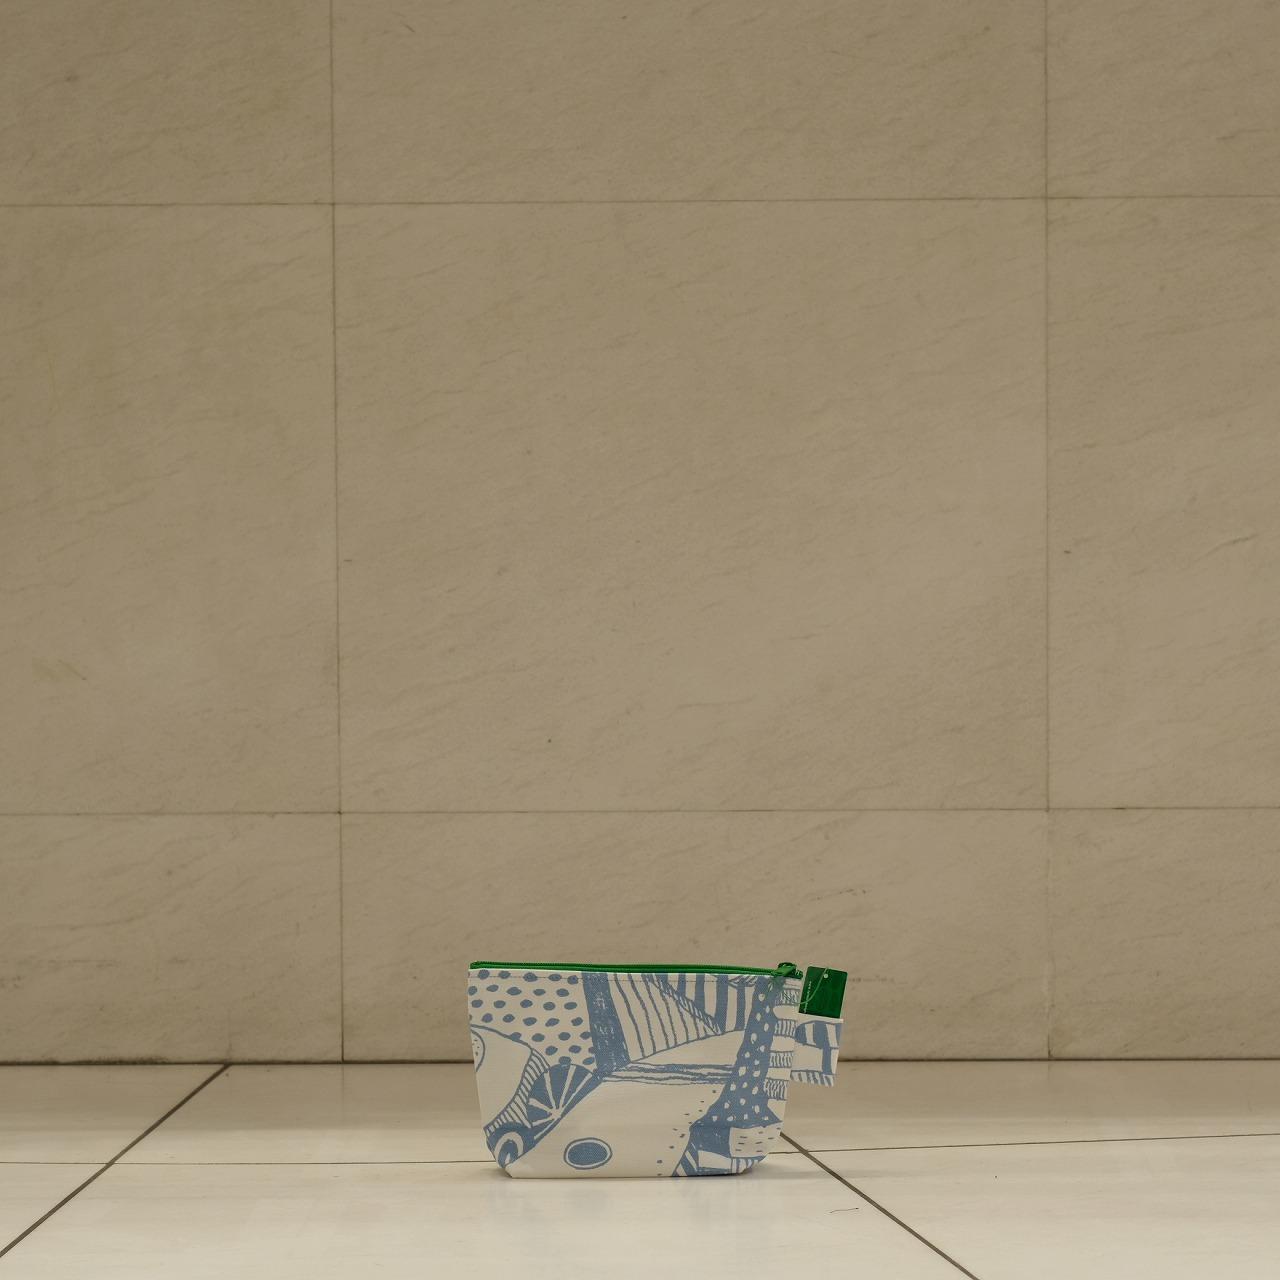 炭酸デザイン室 オンライン展示会 マチポーチM_d0182409_16520689.jpg